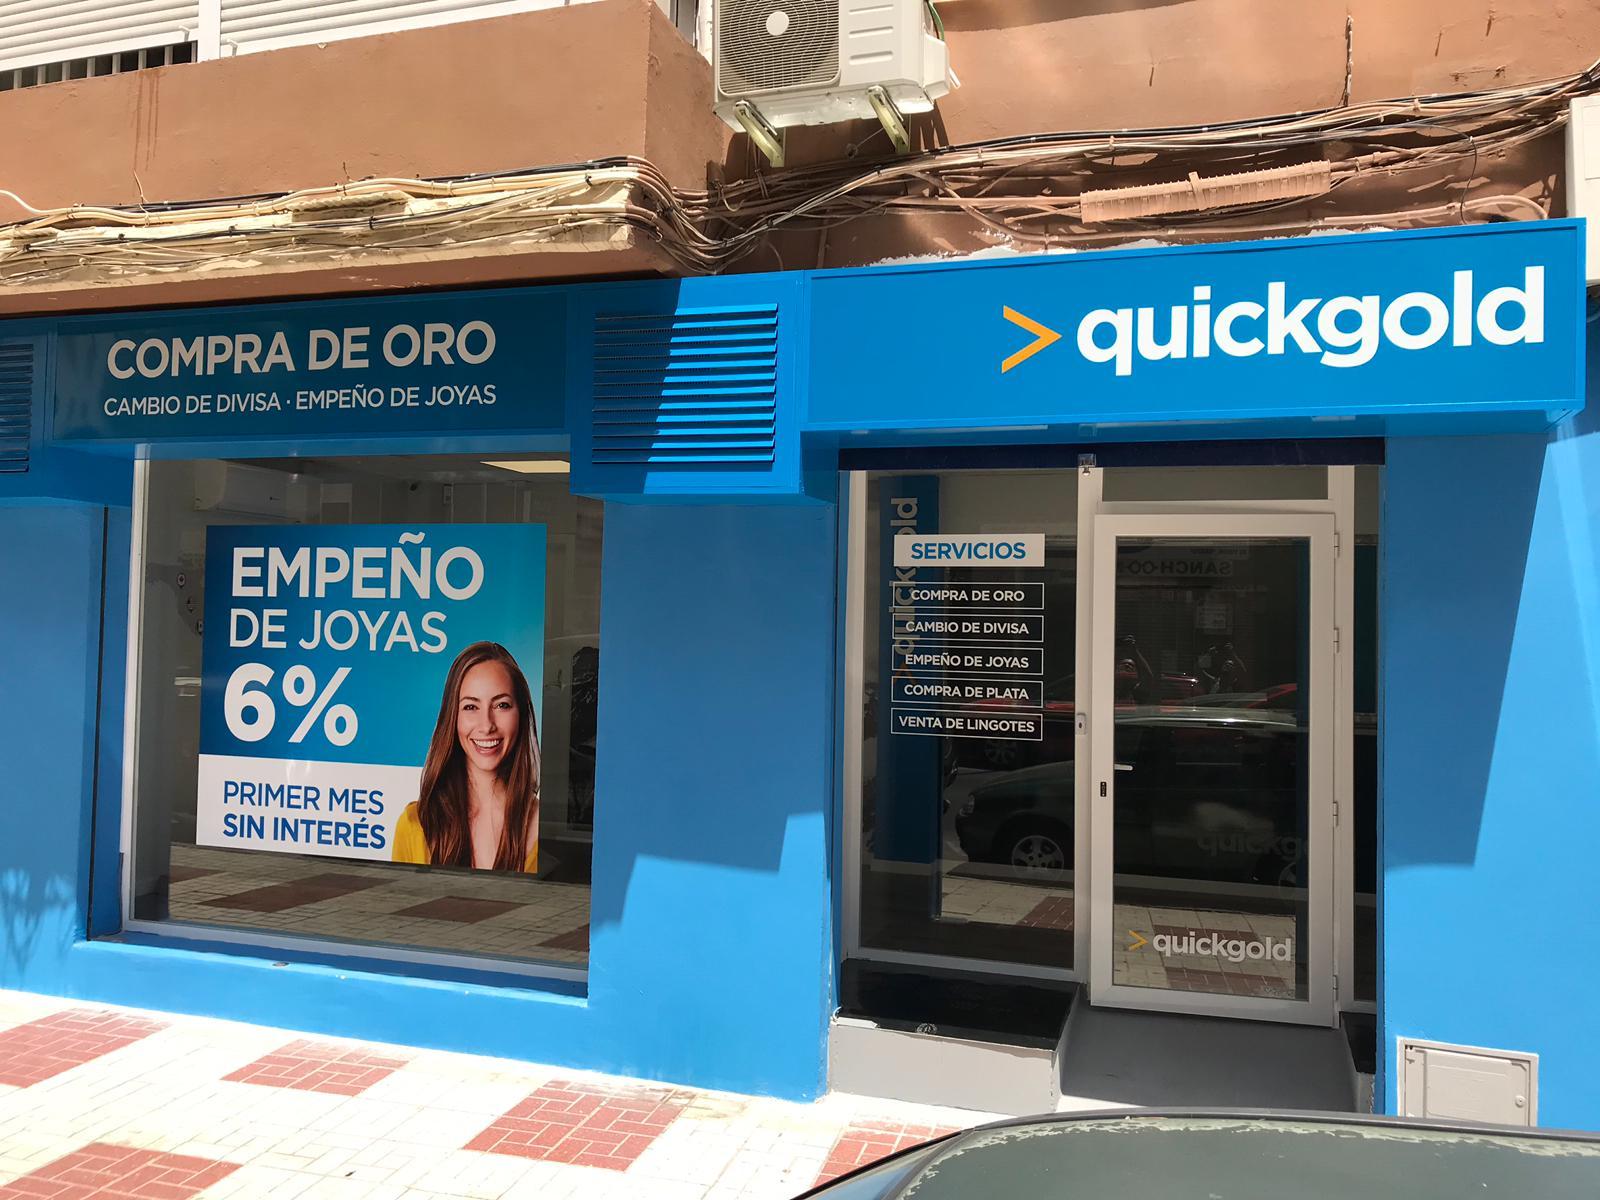 Tienda Quickgold Camino Suárez